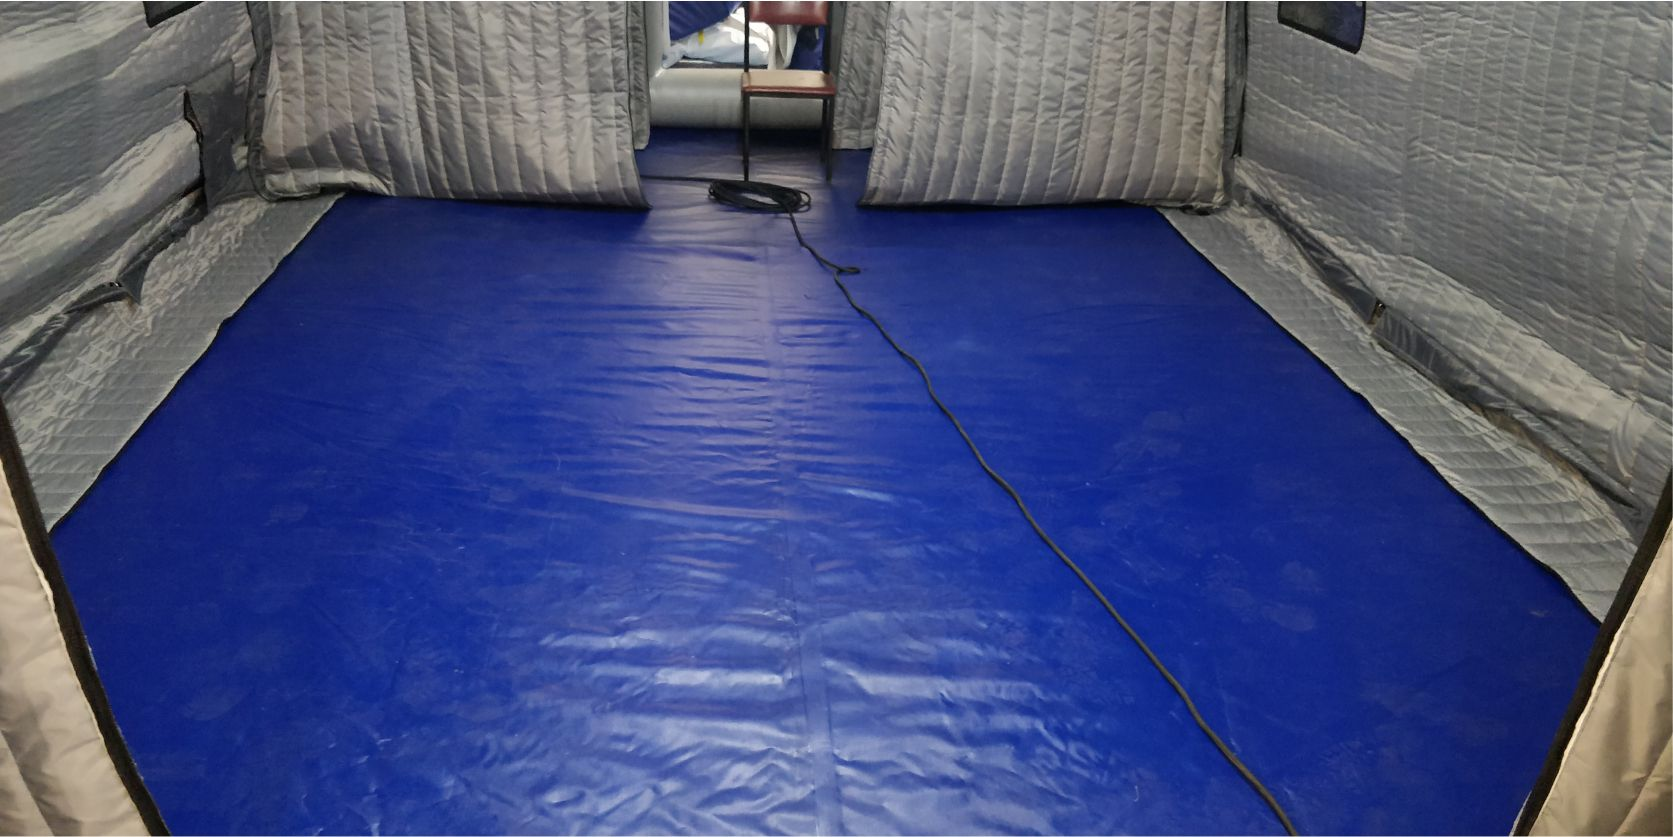 Утеплитель для палатки «ТаймТриал»